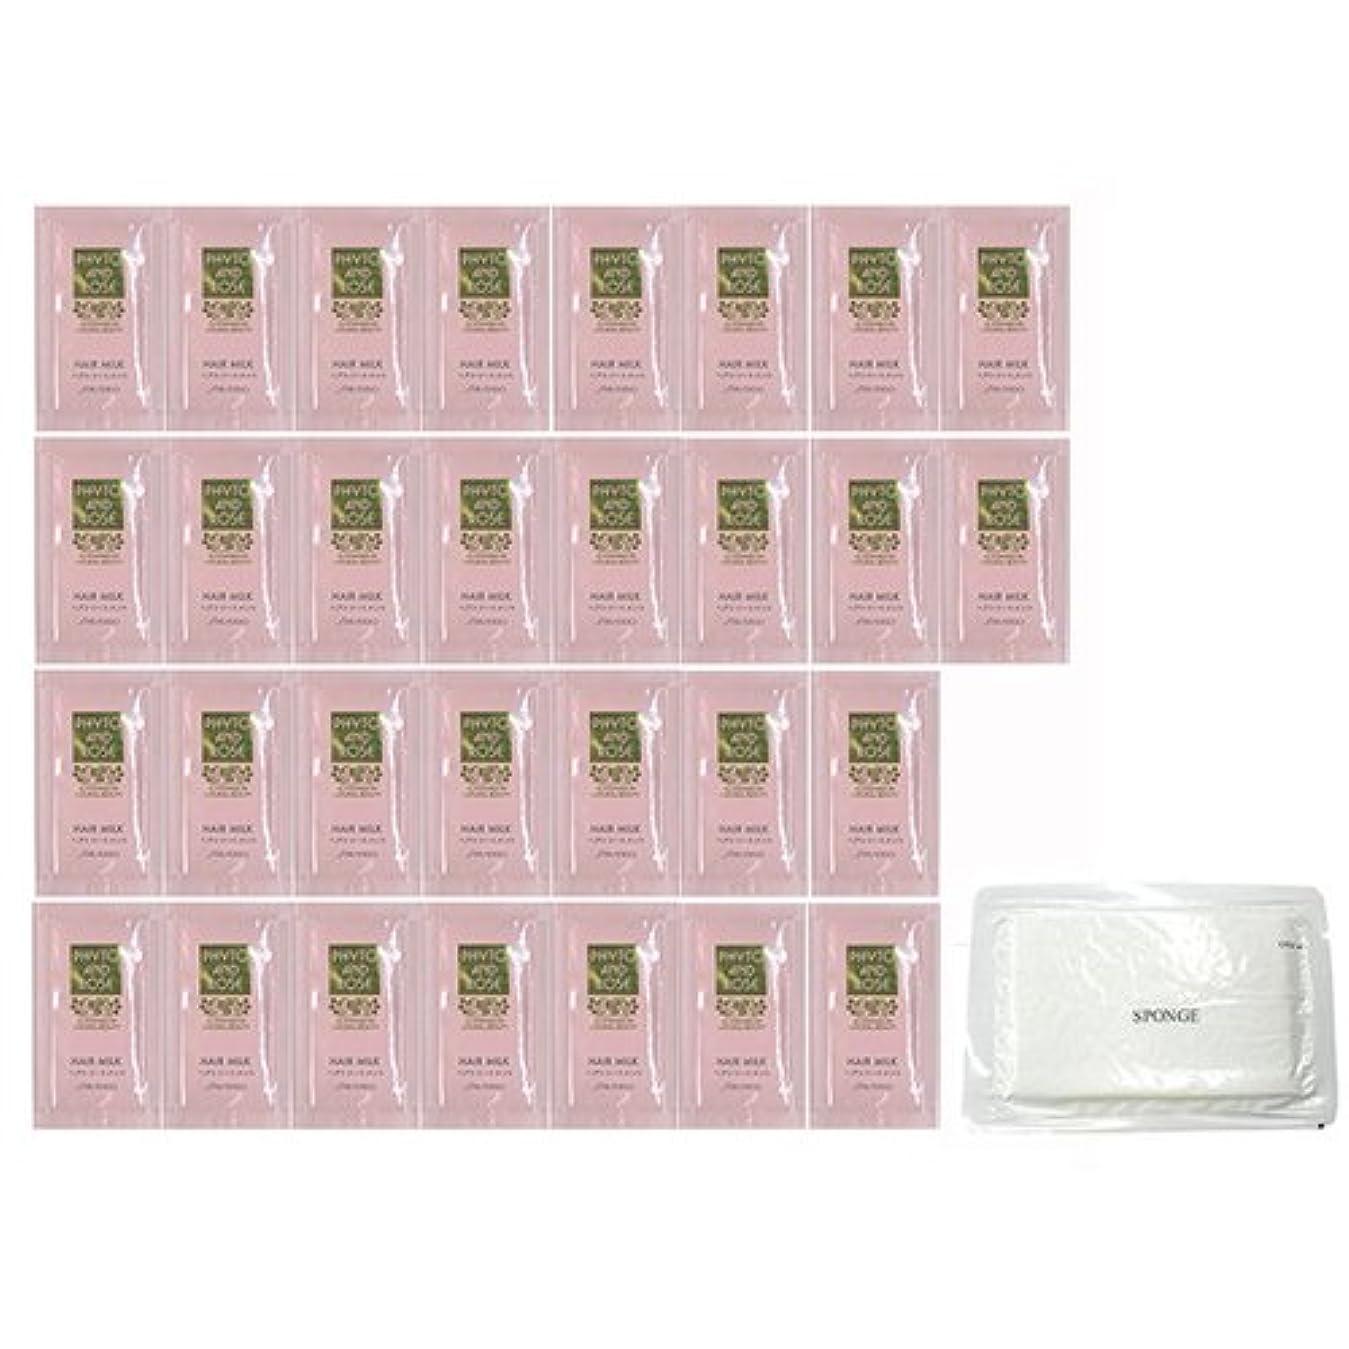 ガチョウオゾンナチュラル資生堂 フィト アンド ローズ パウチ ヘアミルク 3ml × 30個 + 圧縮スポンジセット